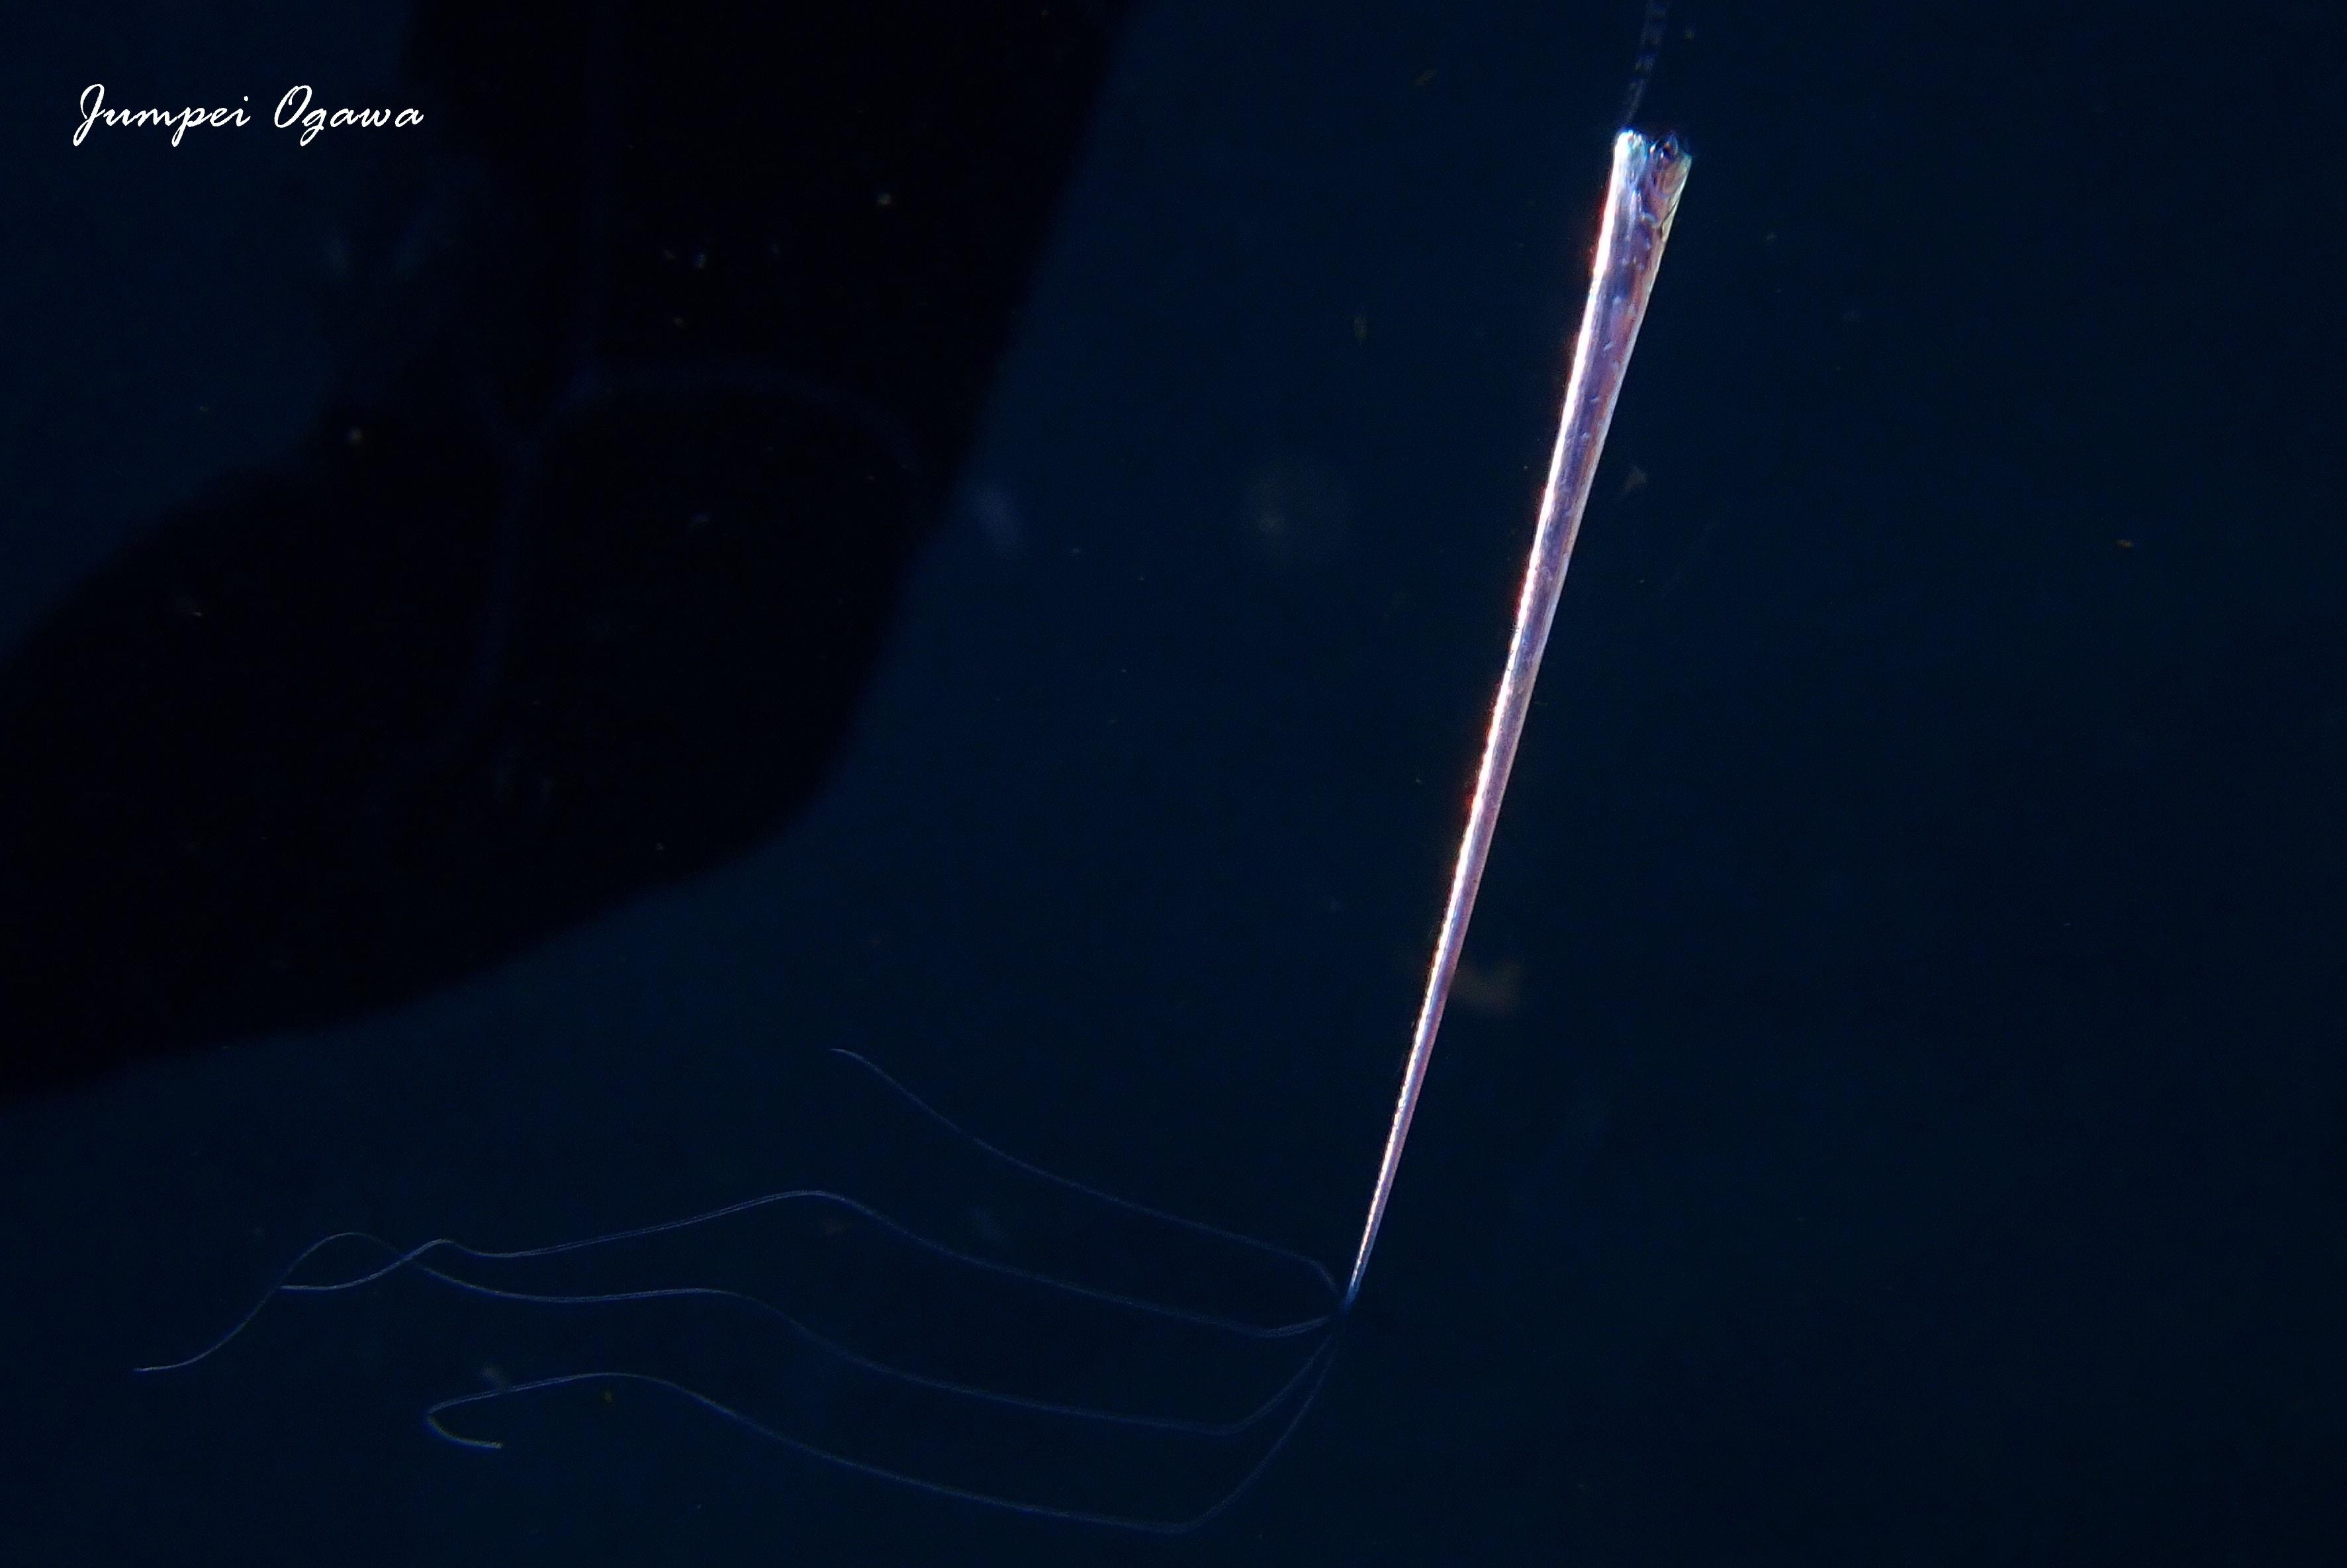 竜宮の使い,りゅうぐうのつかい,リュウグウノツカイ幼魚,リュウグウノツカイダイビング (4)